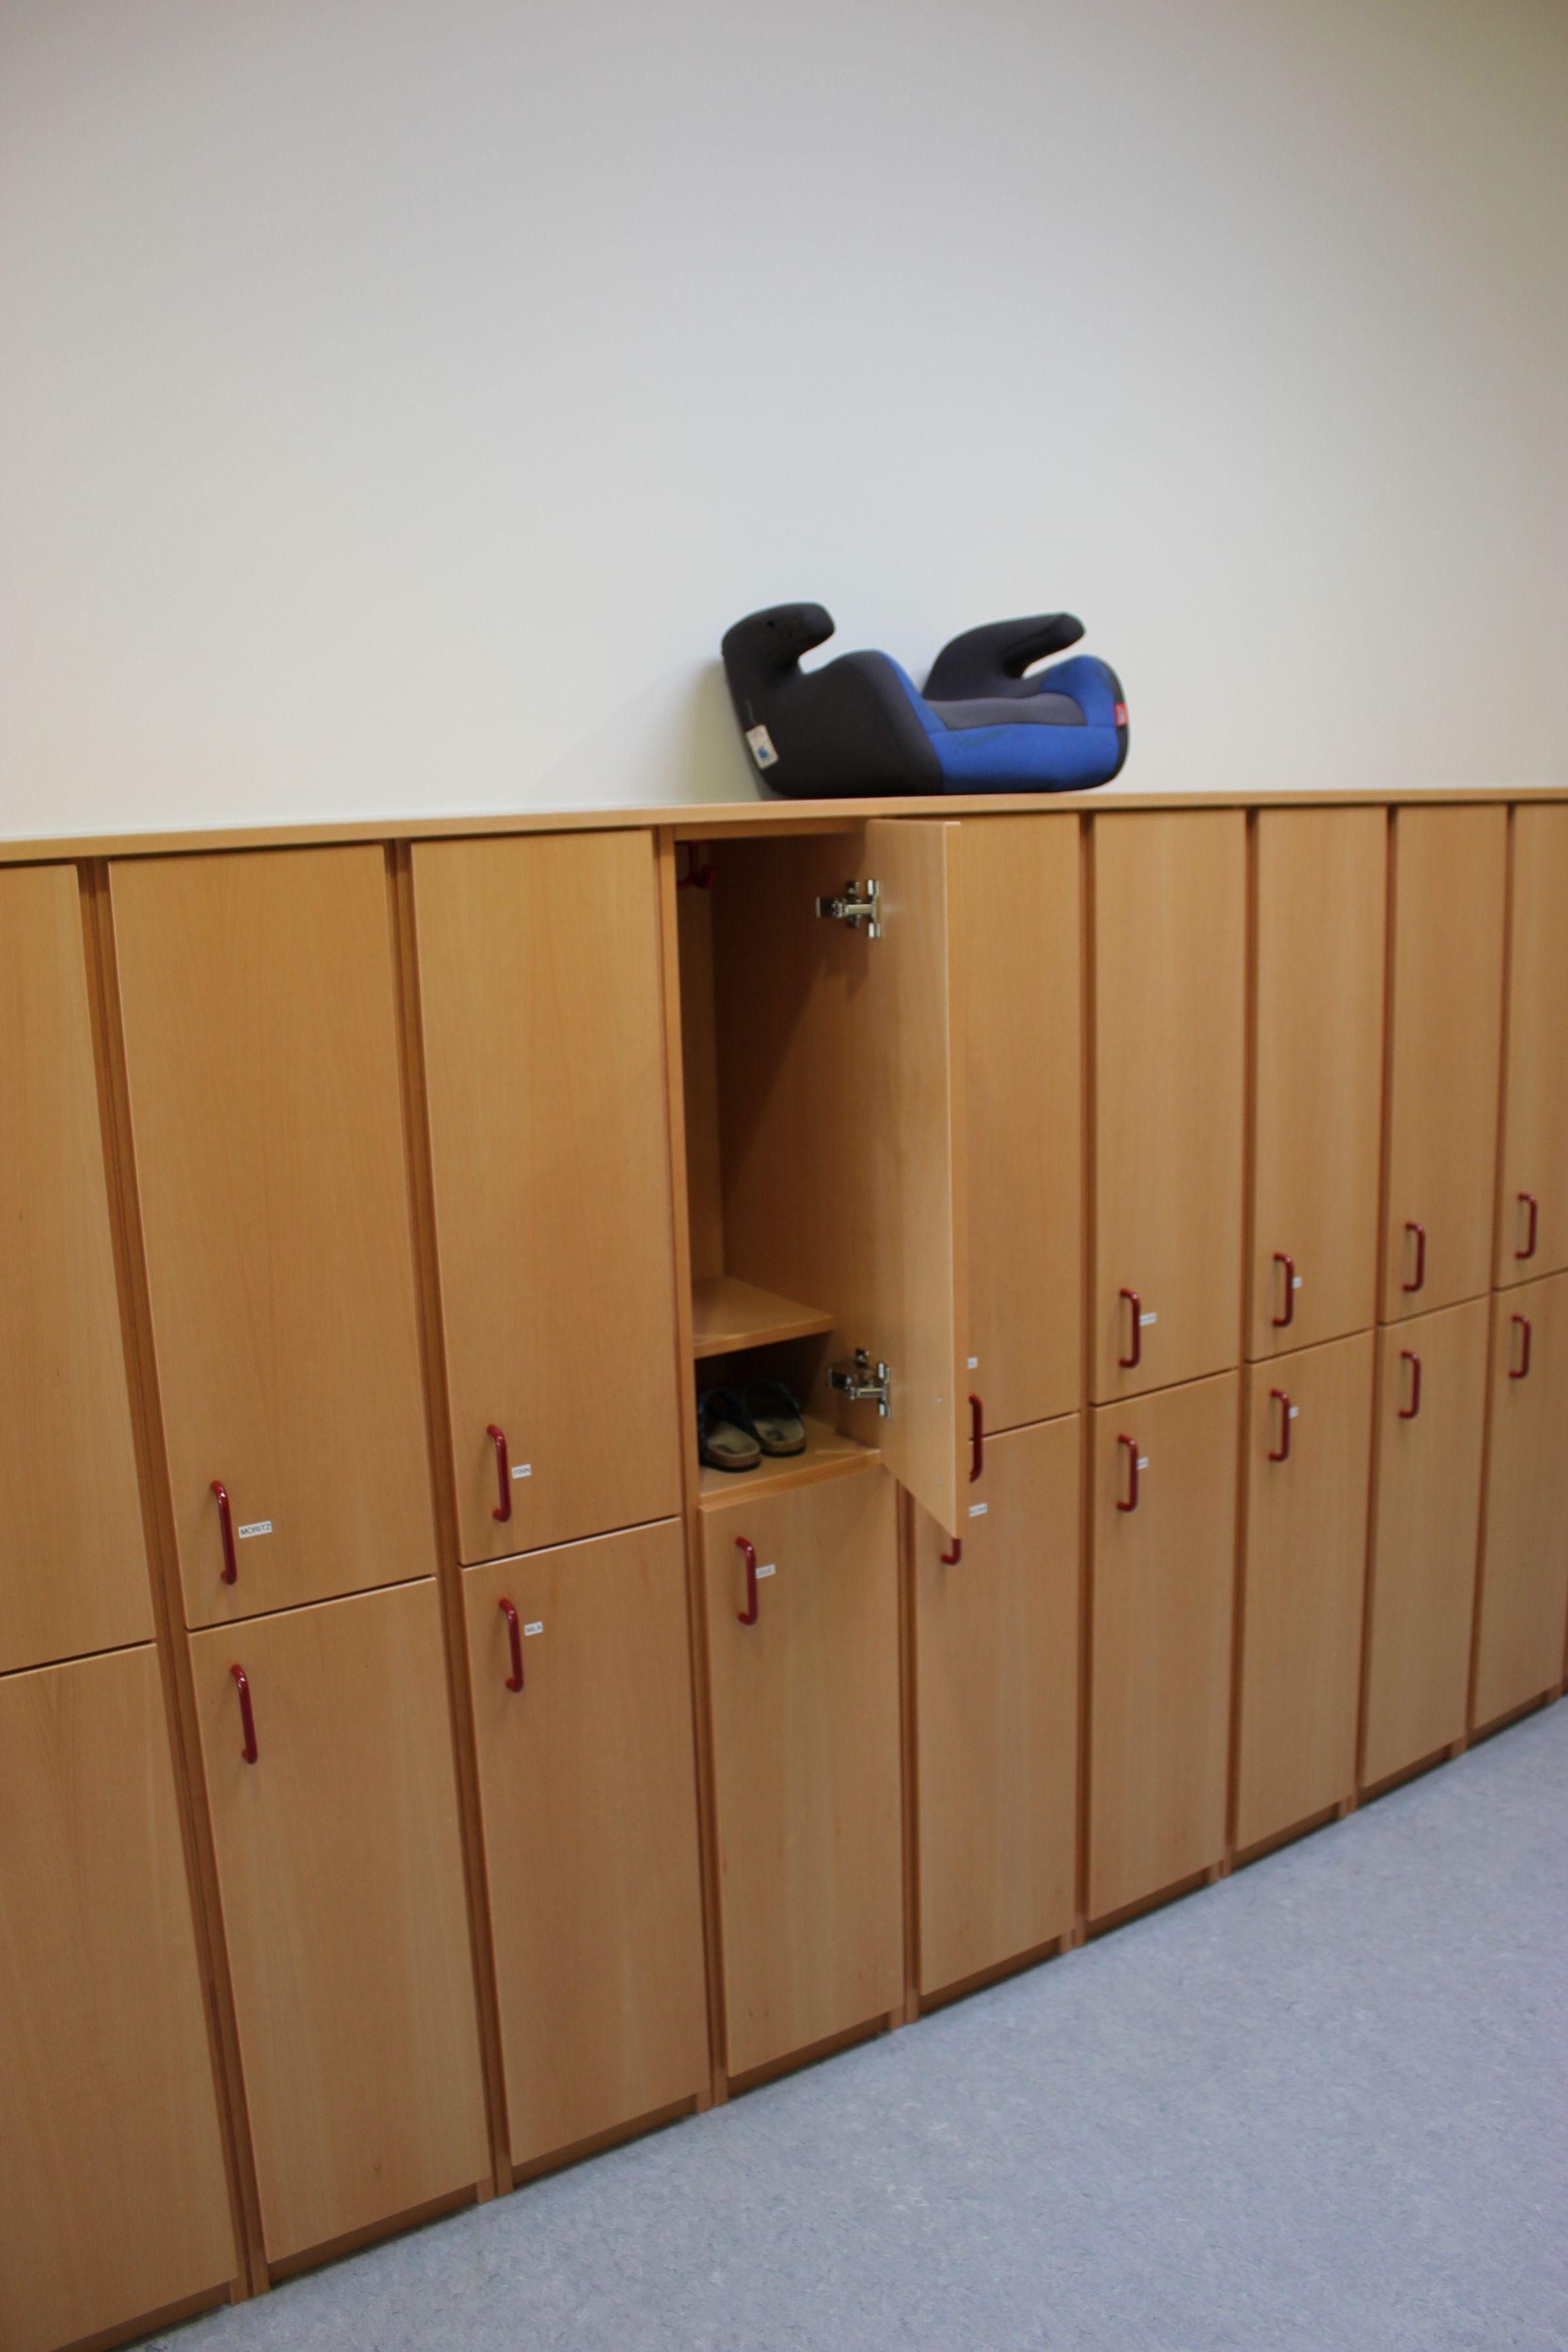 garderobe kindergarten garderobe kindergarten innenausbau kindergarten einrichtungen mit tr. Black Bedroom Furniture Sets. Home Design Ideas